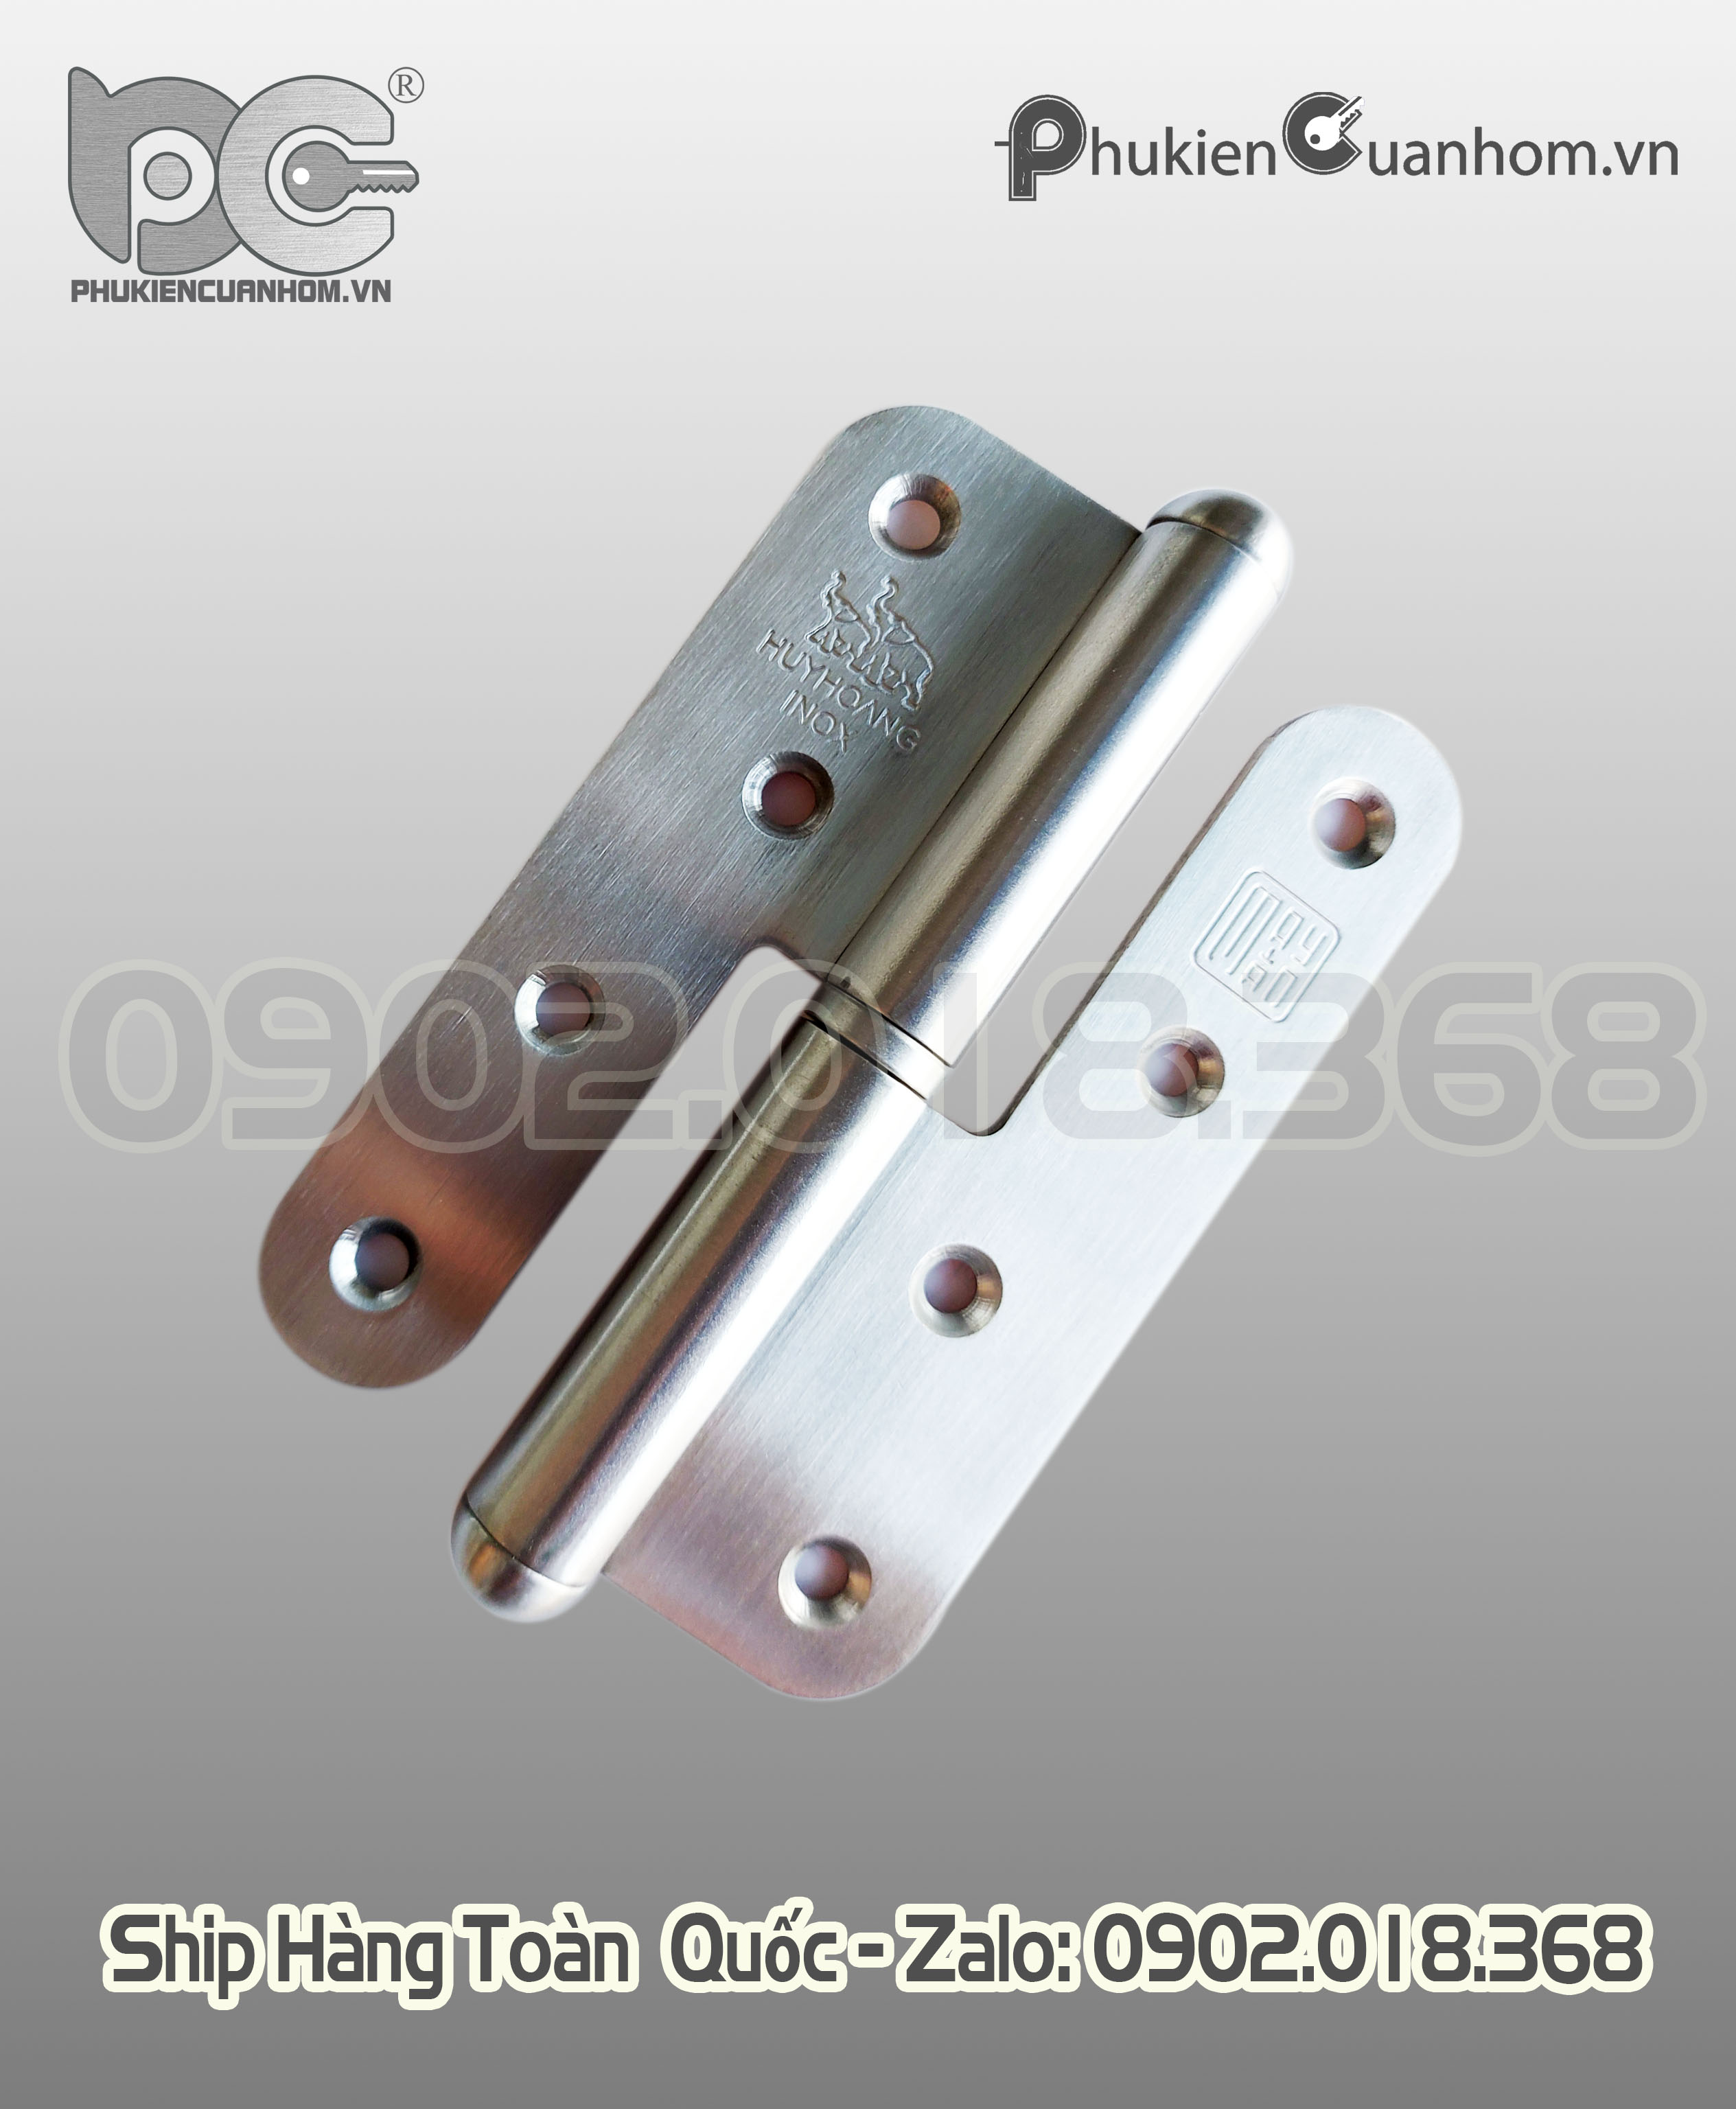 Bản lề cối Inox 304 hiệu Huy Hoàng - BLCSS304-01 140x85x3mm